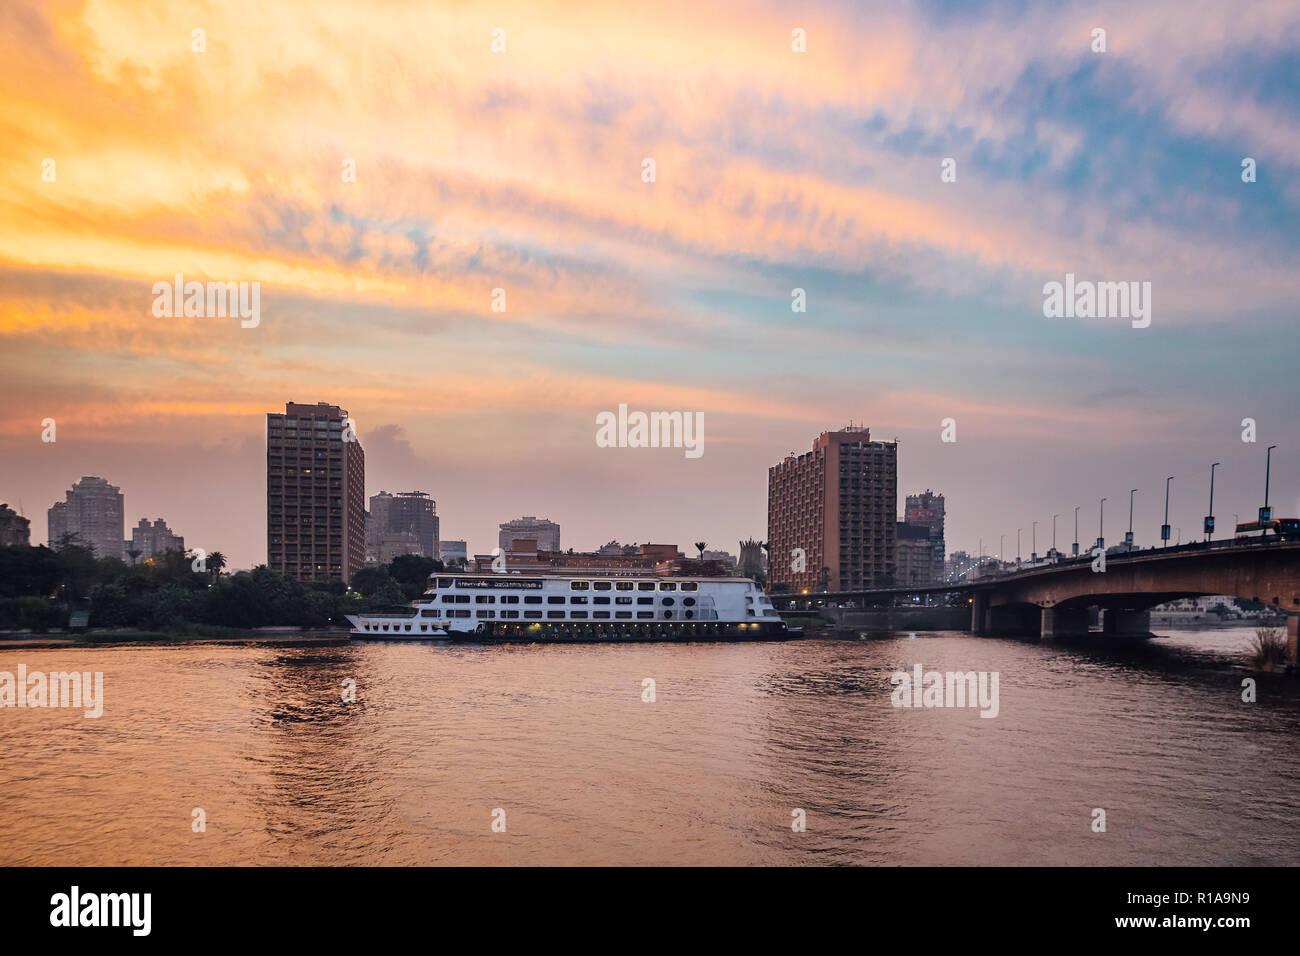 La isla de Zamalek & 15 de mayo de puente en el centro de Cairo en penumbra Foto de stock